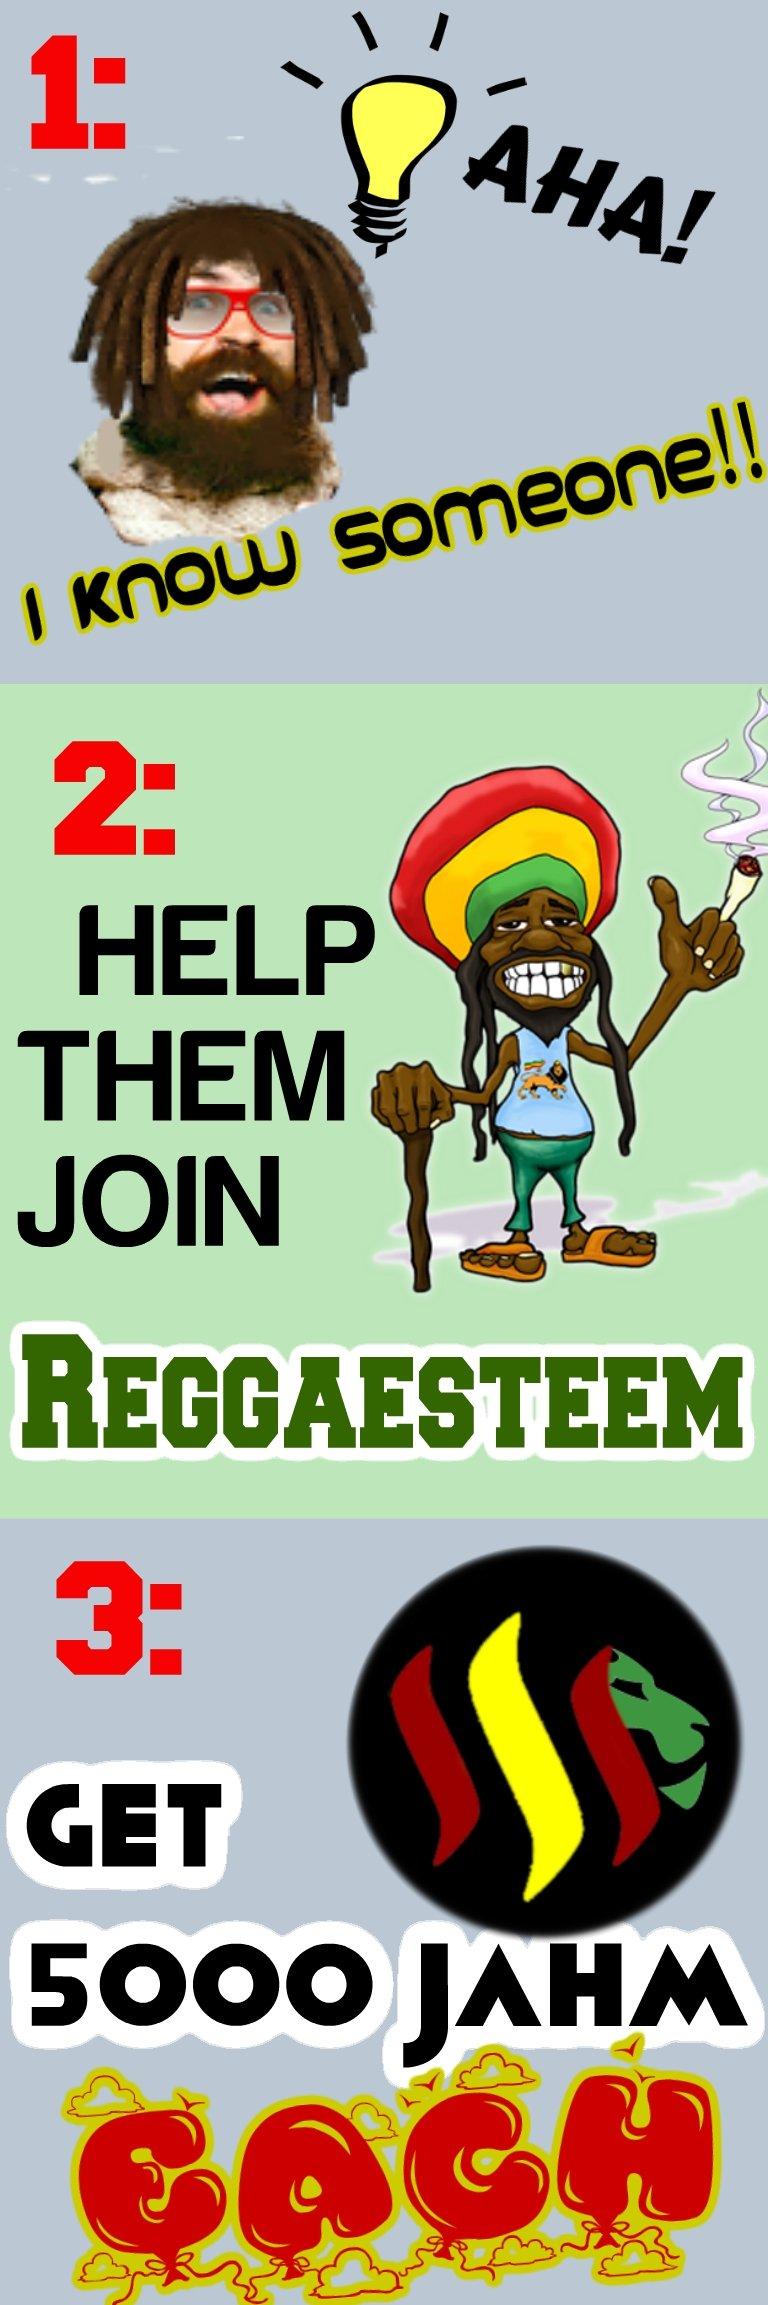 reggaesteem onboarding.jpg